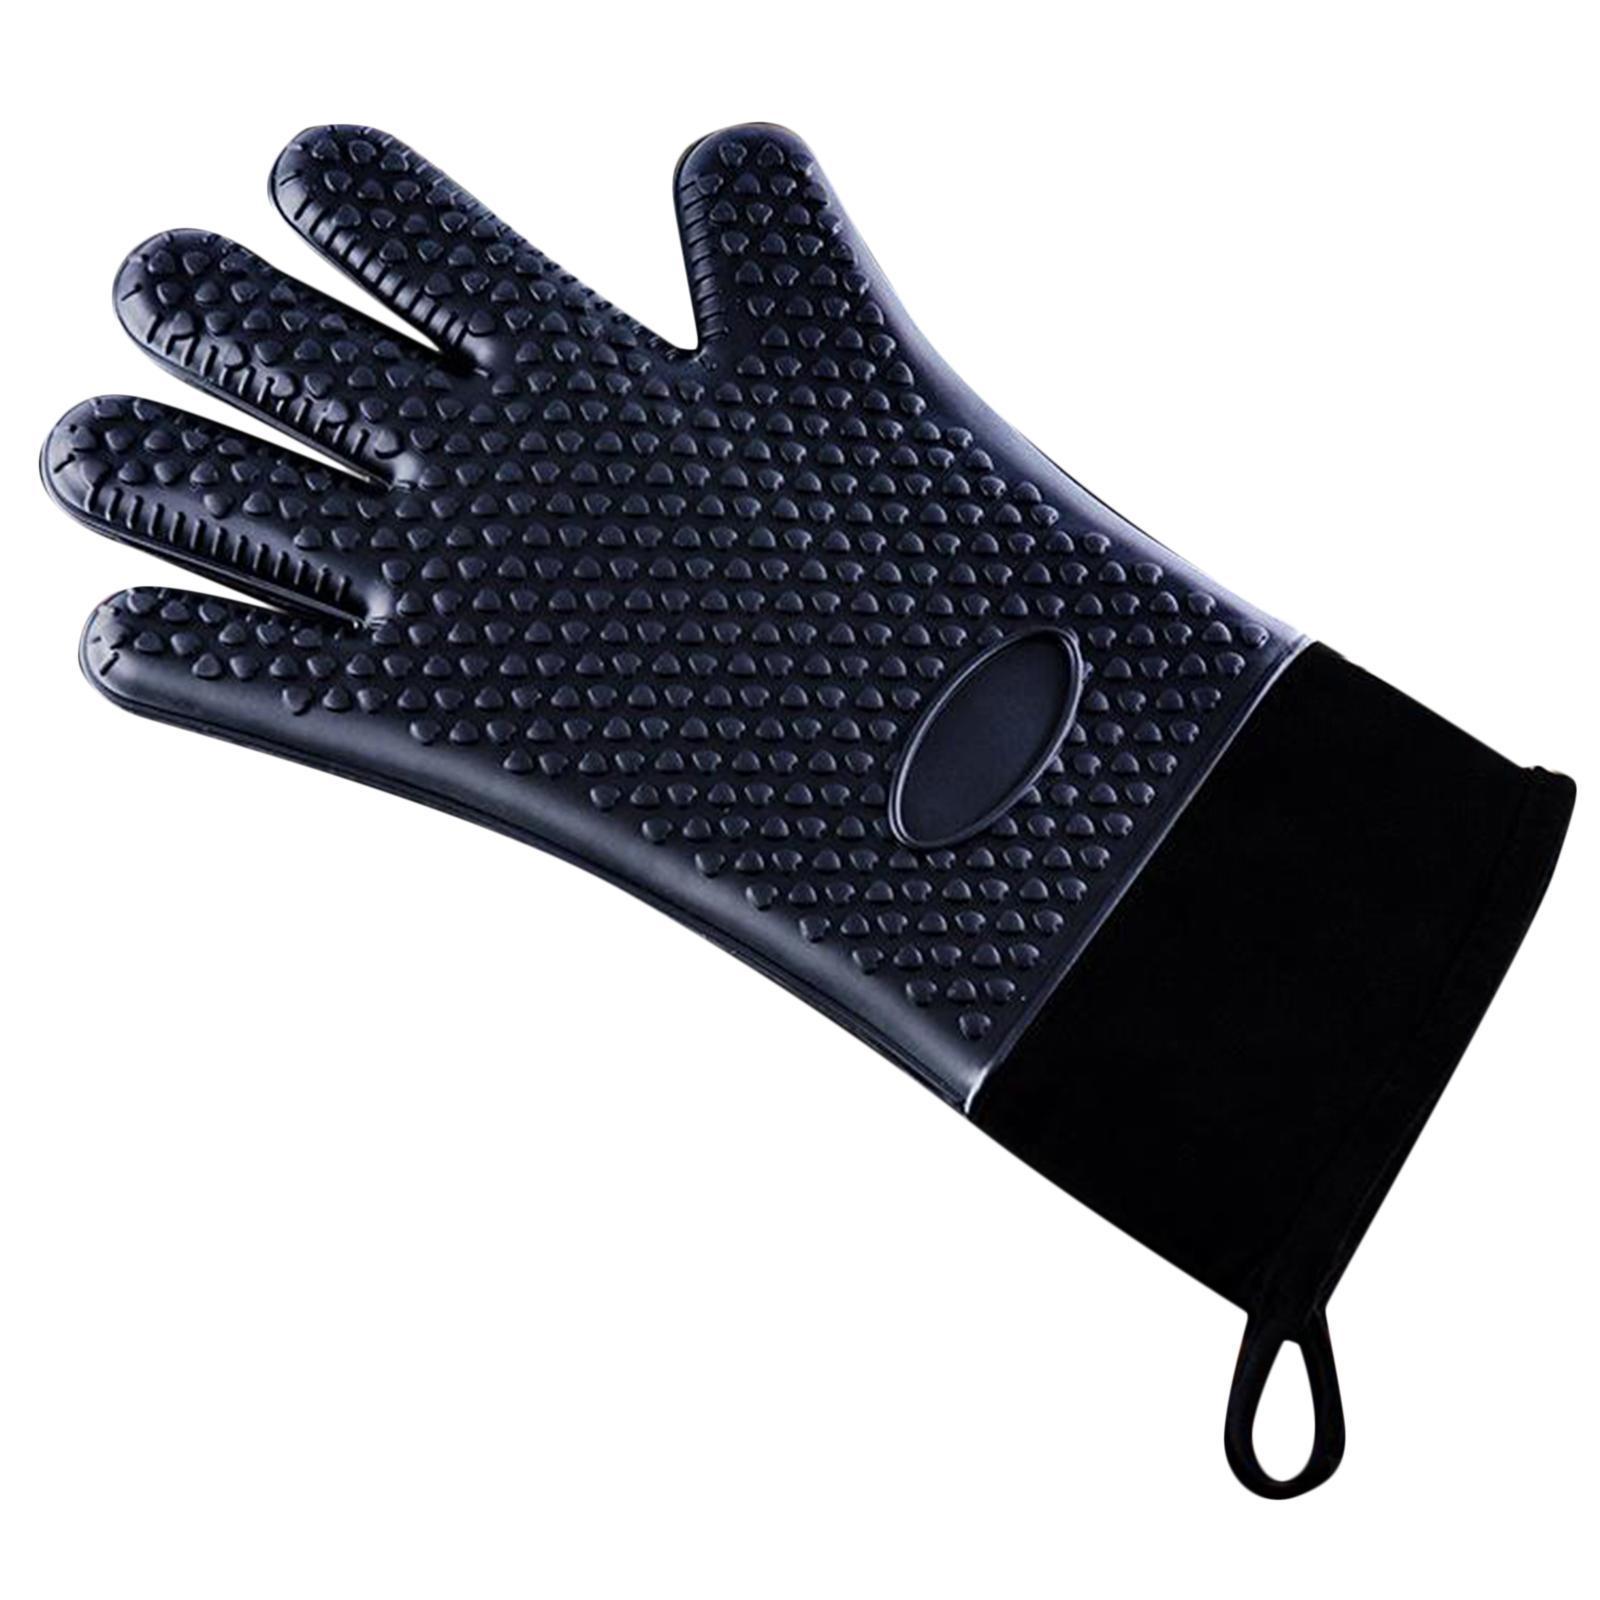 Guantes-para-horno-de-cocina-con-aislamiento-de-silicona-antideslizantes-guantes miniatura 4